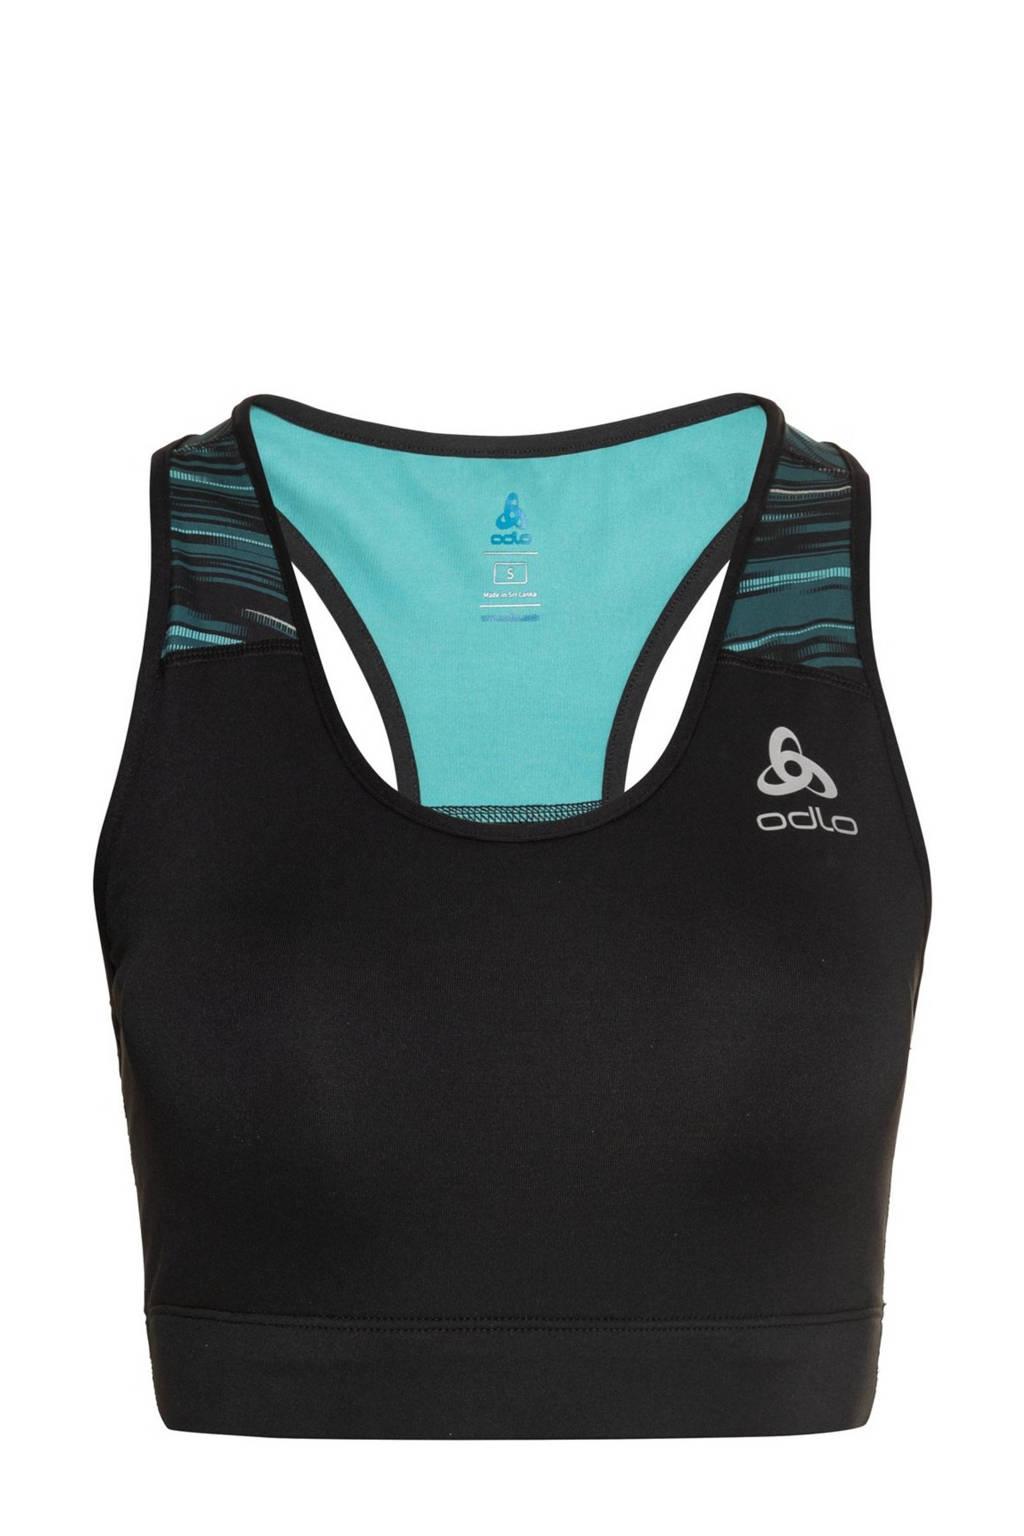 Odlo level 4 sportbh Essential zwart/groen, Zwart/groen